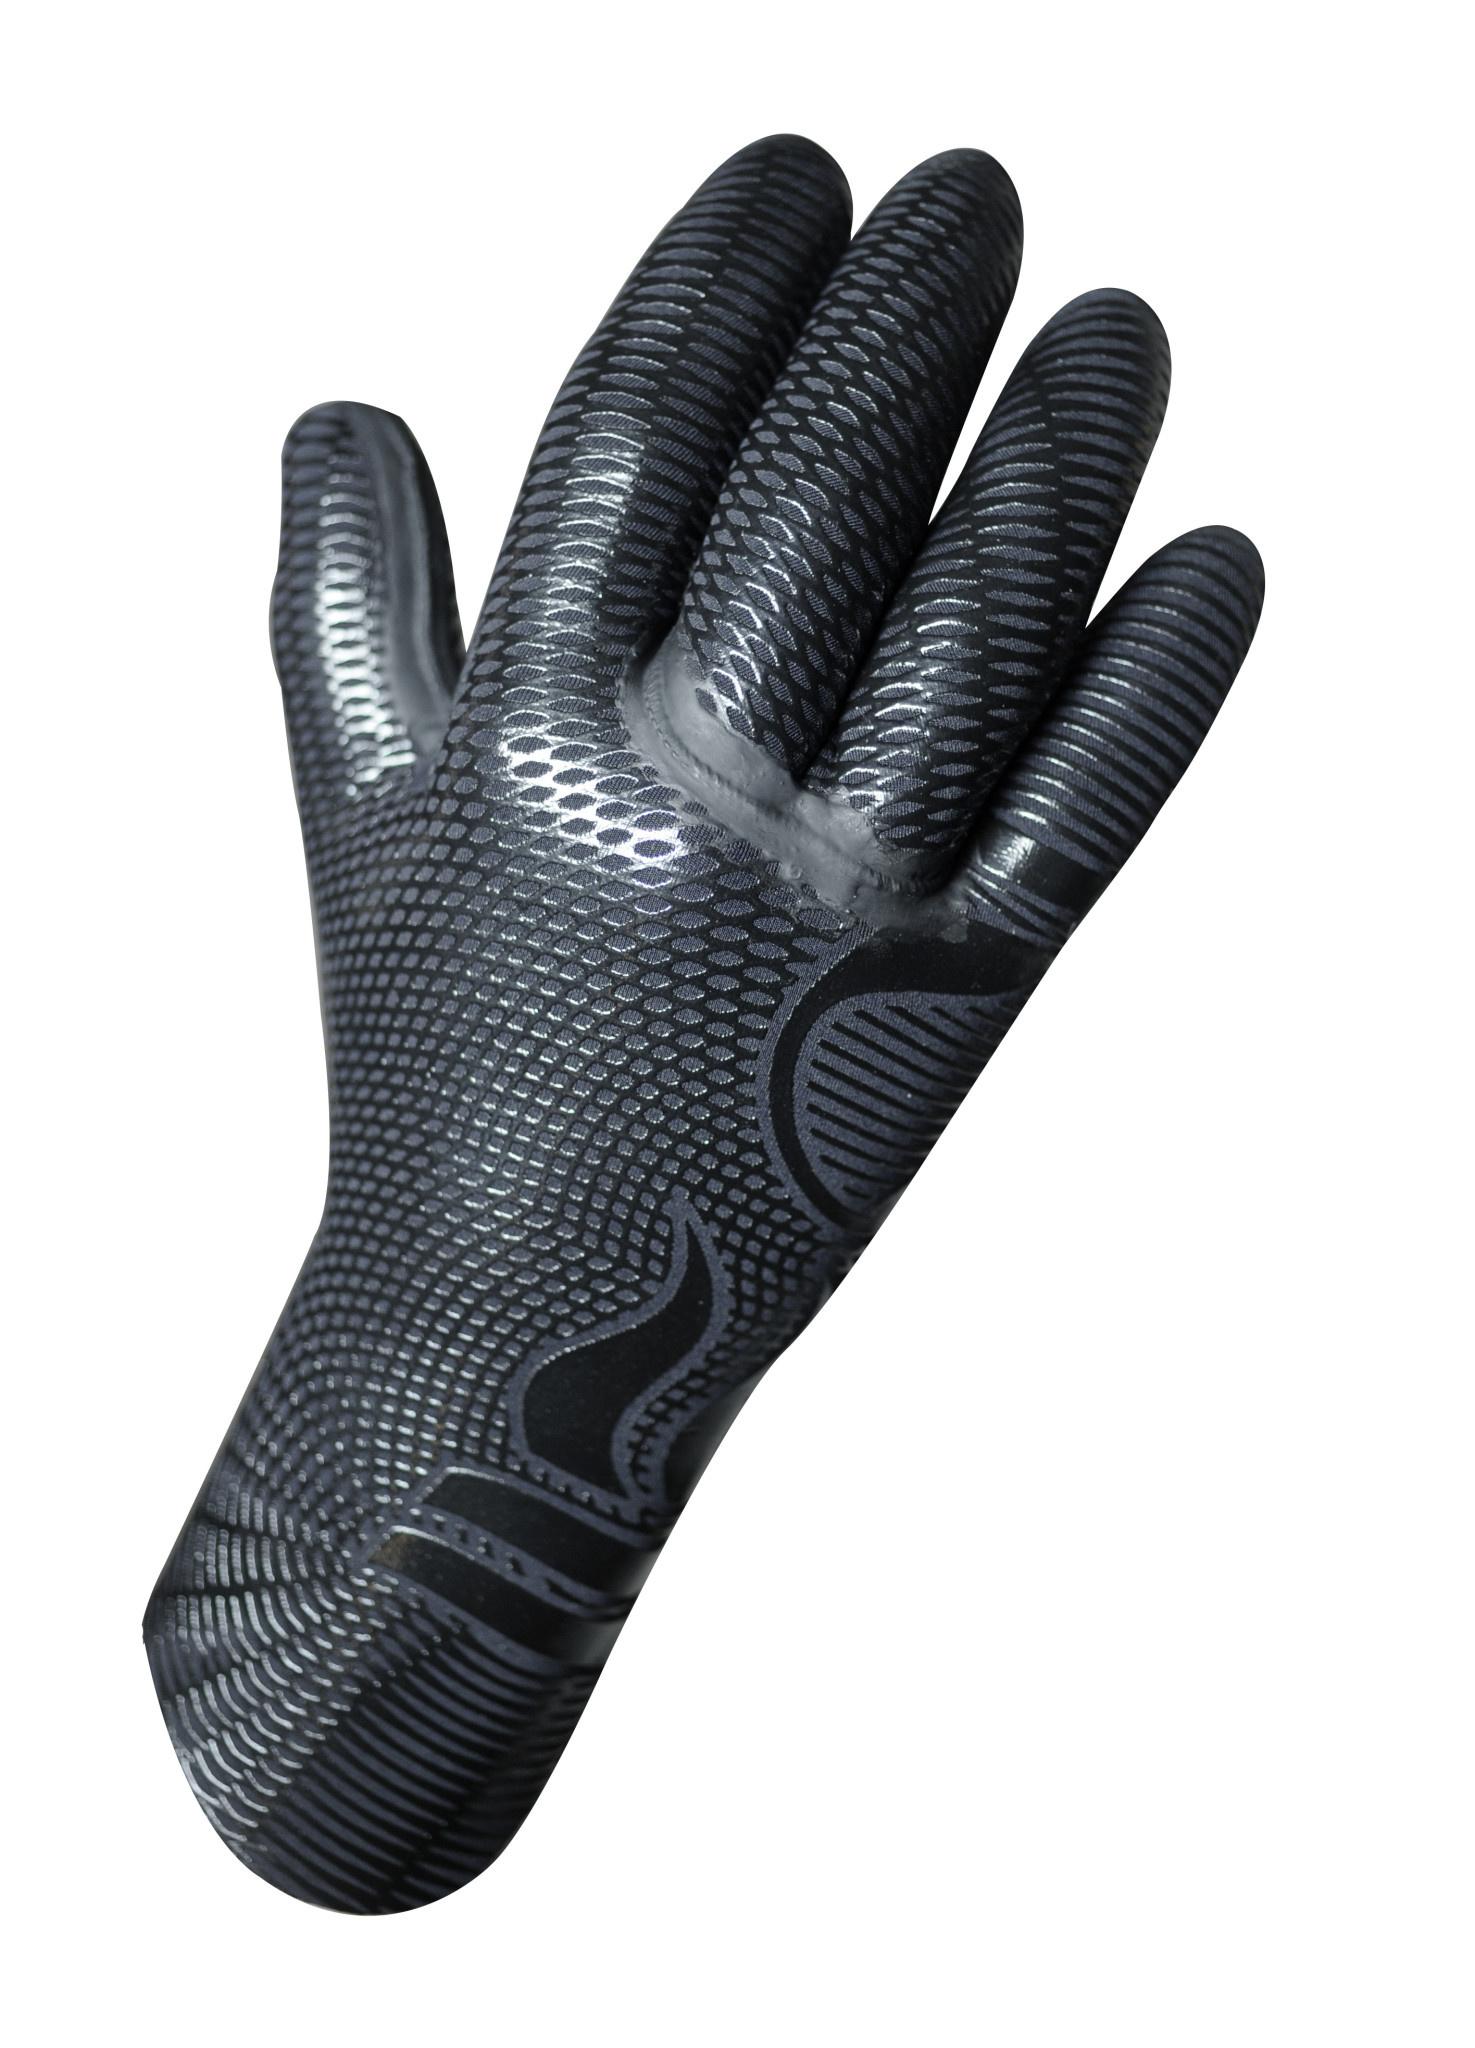 Handschoen 5 mm neopreen-1